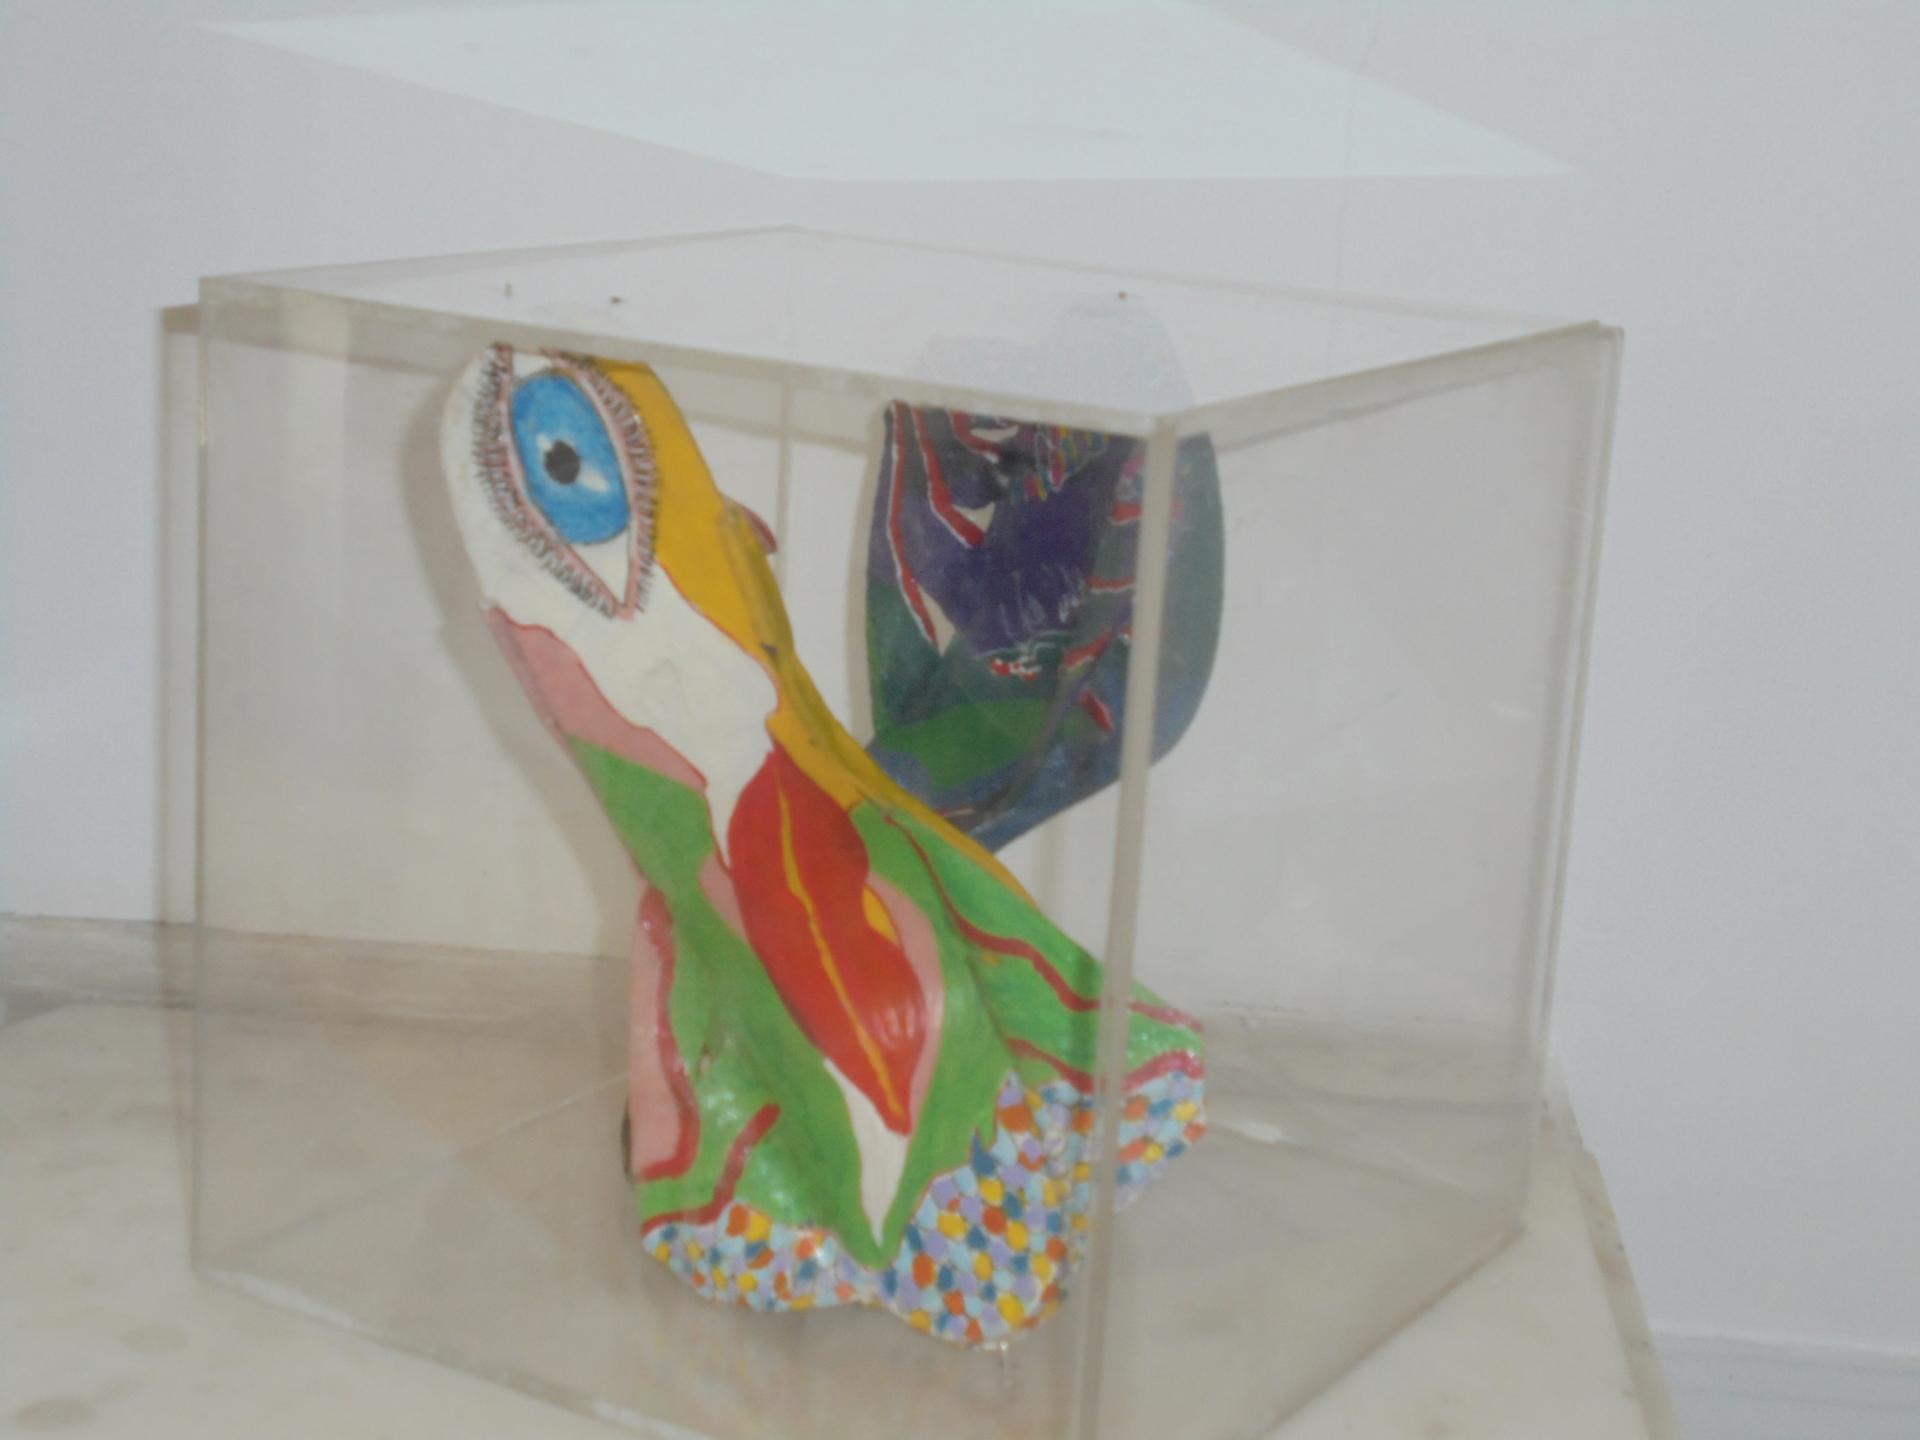 Vue de l'exposition Désir de Myriam Bat-Yosef MNA